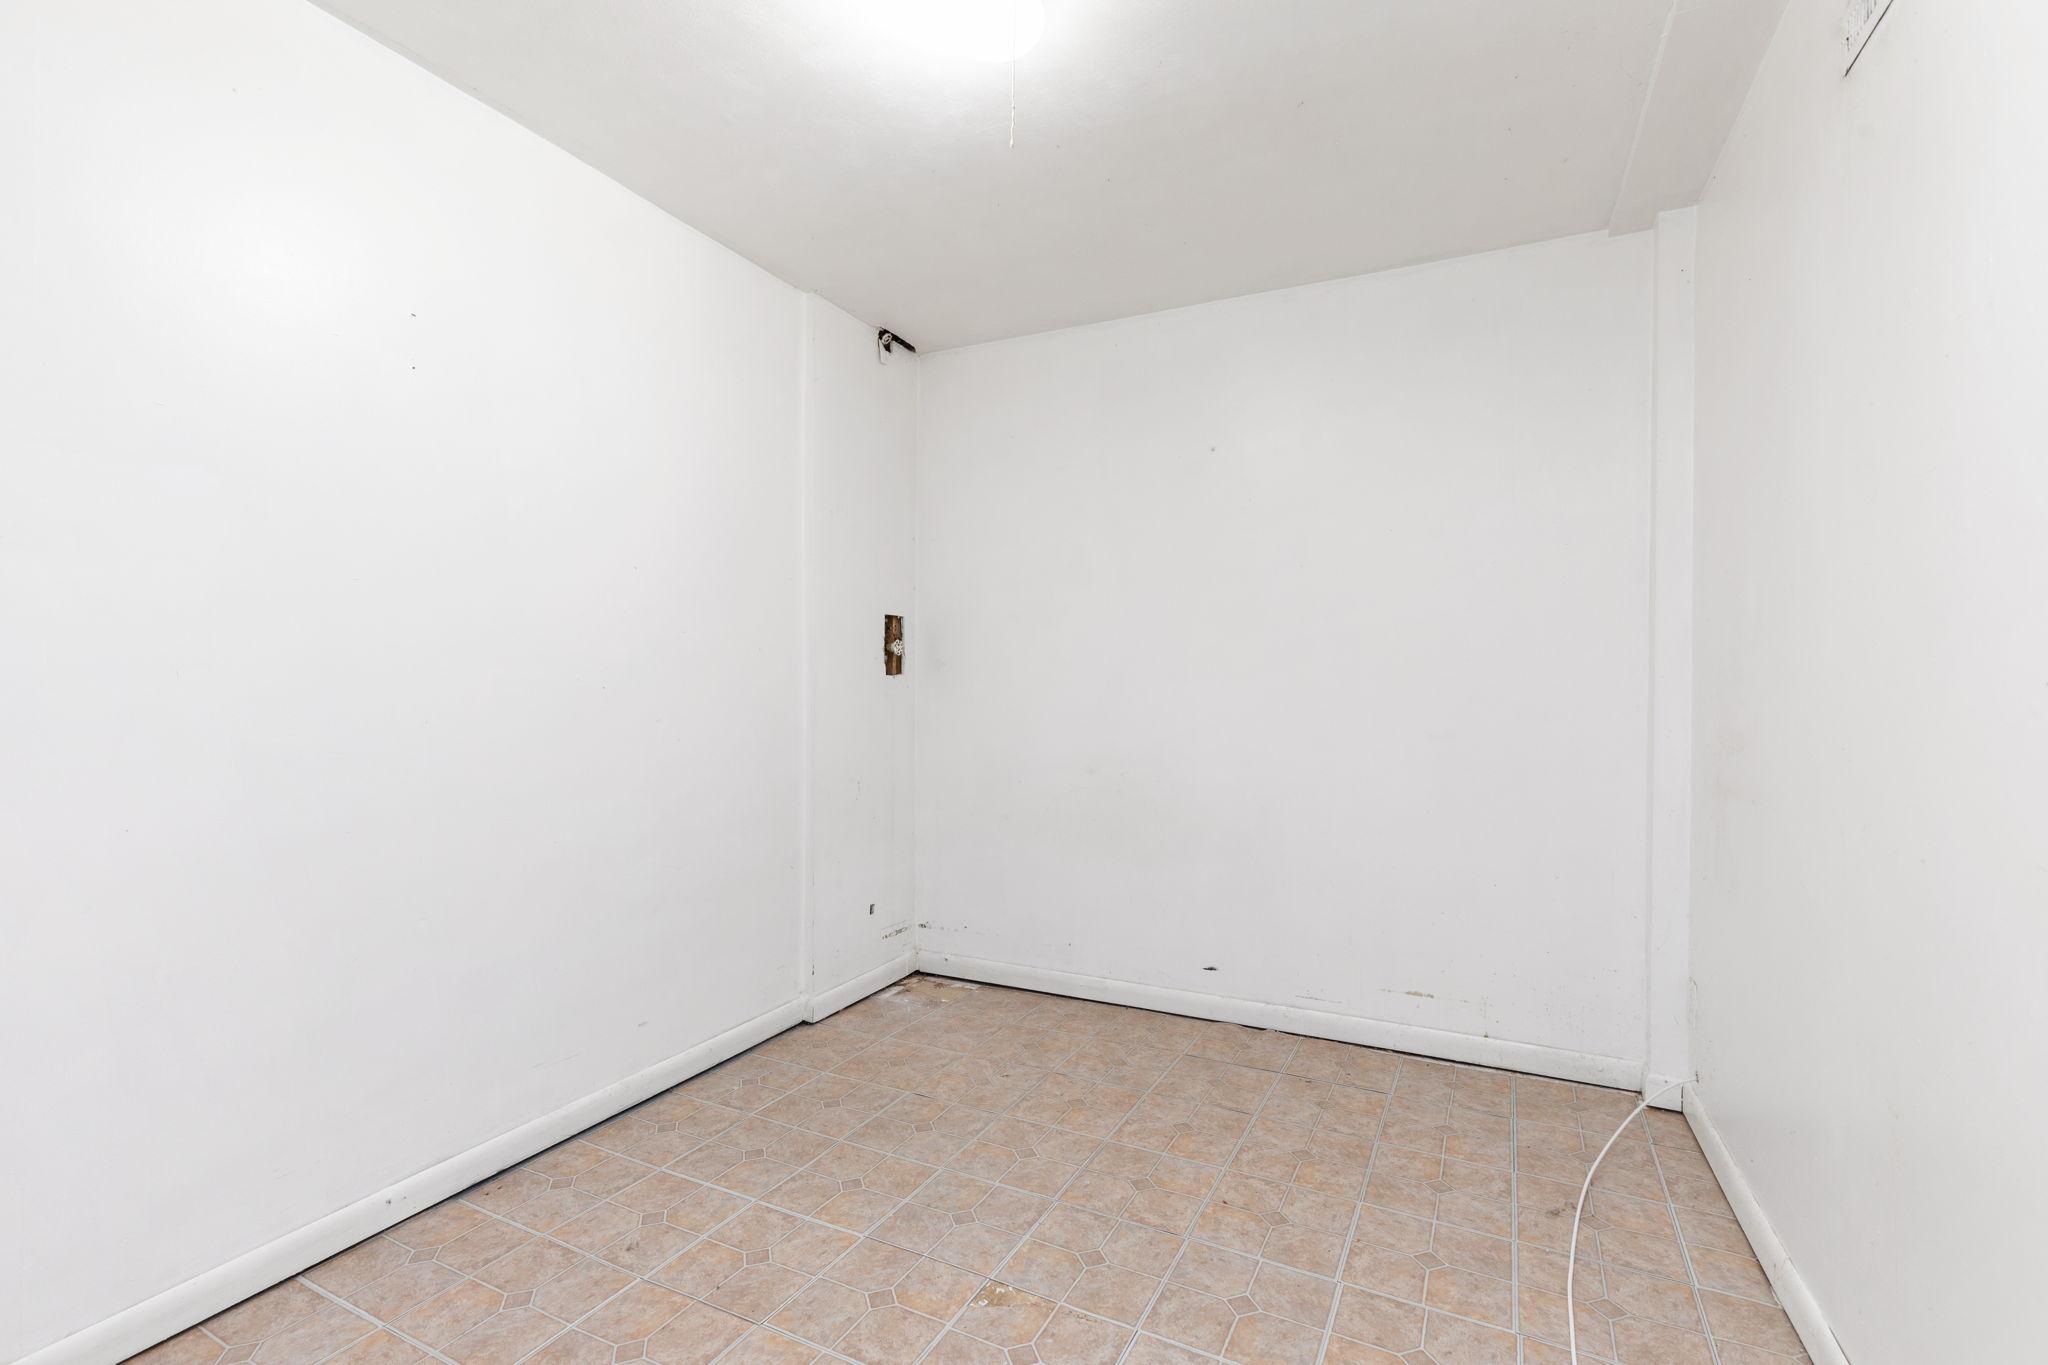 Basement Room #1